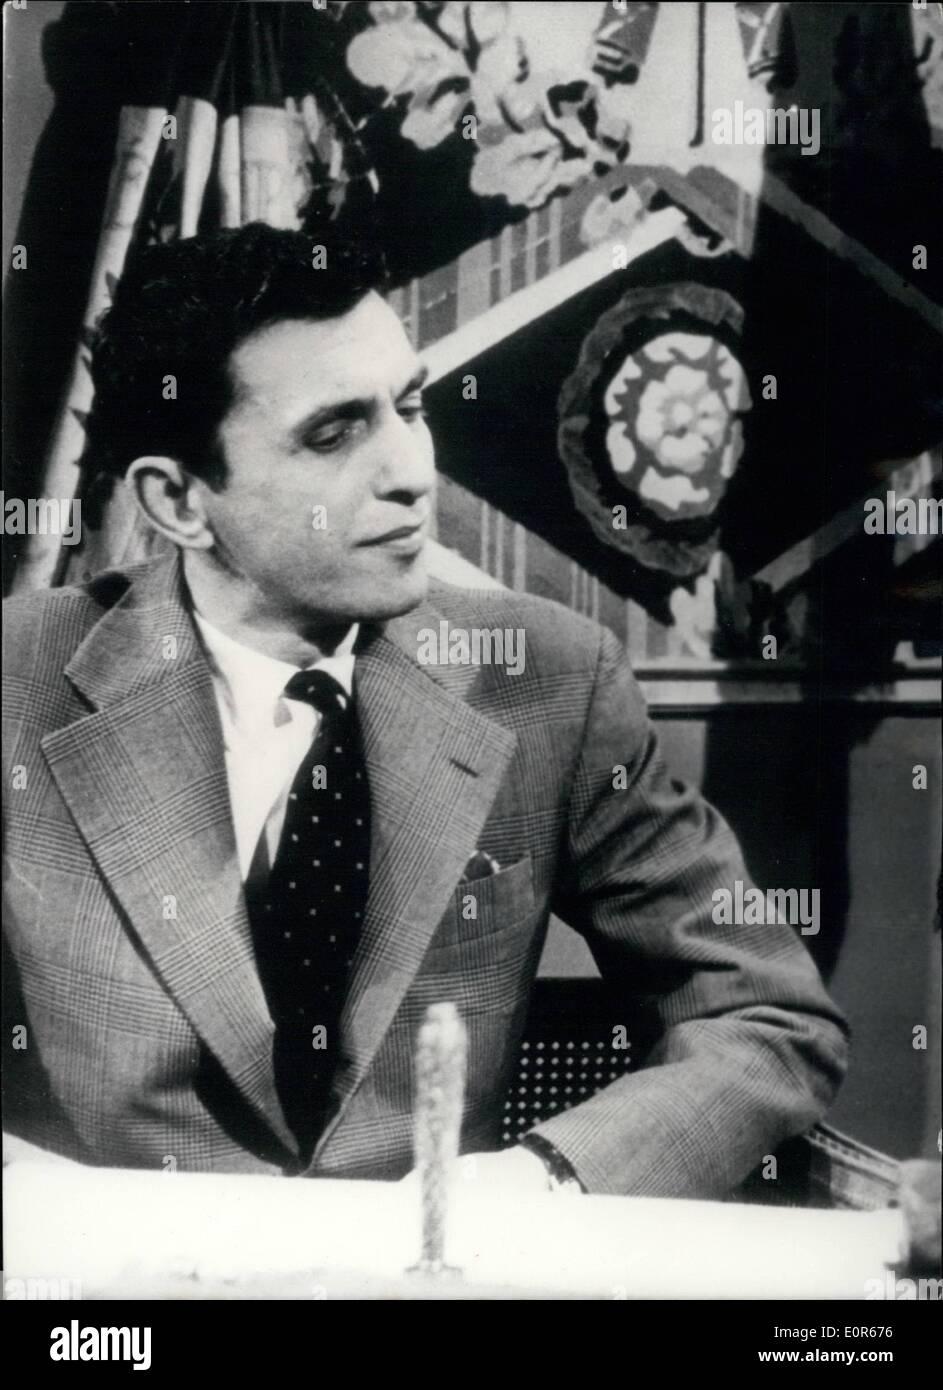 Apr. 04, 1958 - ~5.000 per la storia della Rivoluzione francese: 30-Year-Old Louis-Napoleon Matteil, impiegato in una Parigi Ufficio Engineering, ha vinto ~5.000 A UNA RADIO ''Domanda Contest''. Il soggetto scelto fu la Rivoluzione Francese. La vincita più alta finora raggiunti. Mostra fotografica di Louis Napoleon Mattei, grande esperto di la Rivoluzione Francese. Immagini Stock